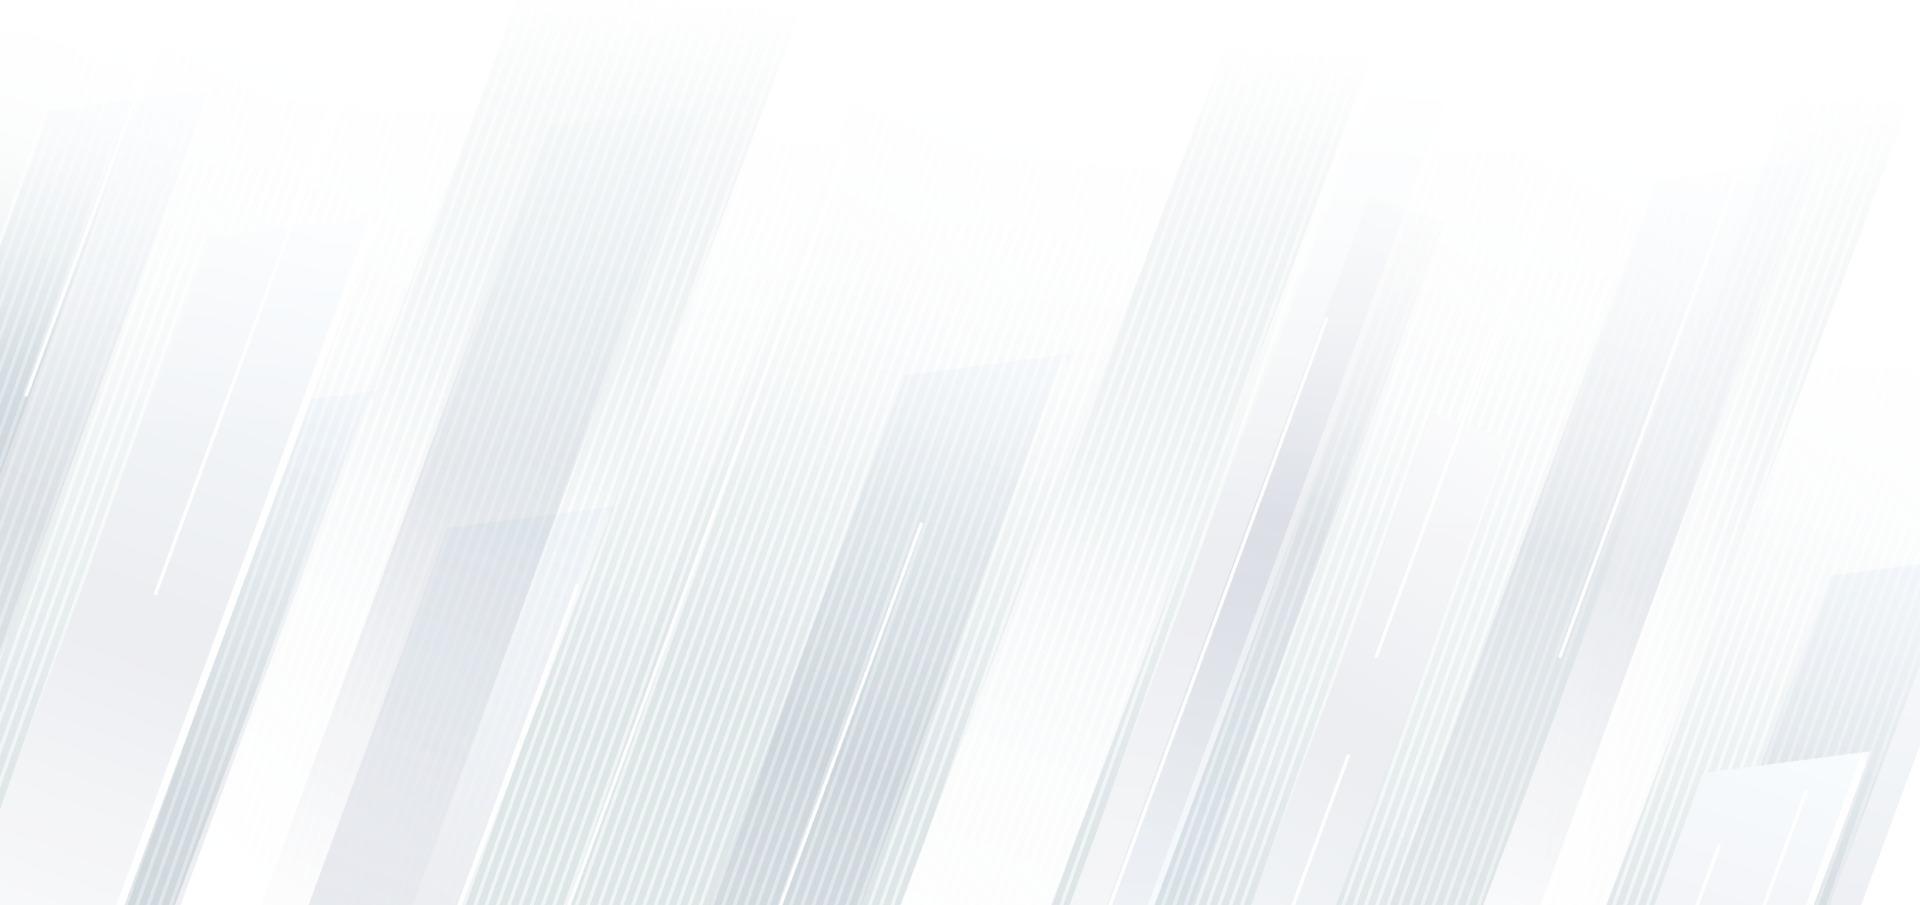 sfondo geometrico astratto linee diagonali bianche e grigie. vettore